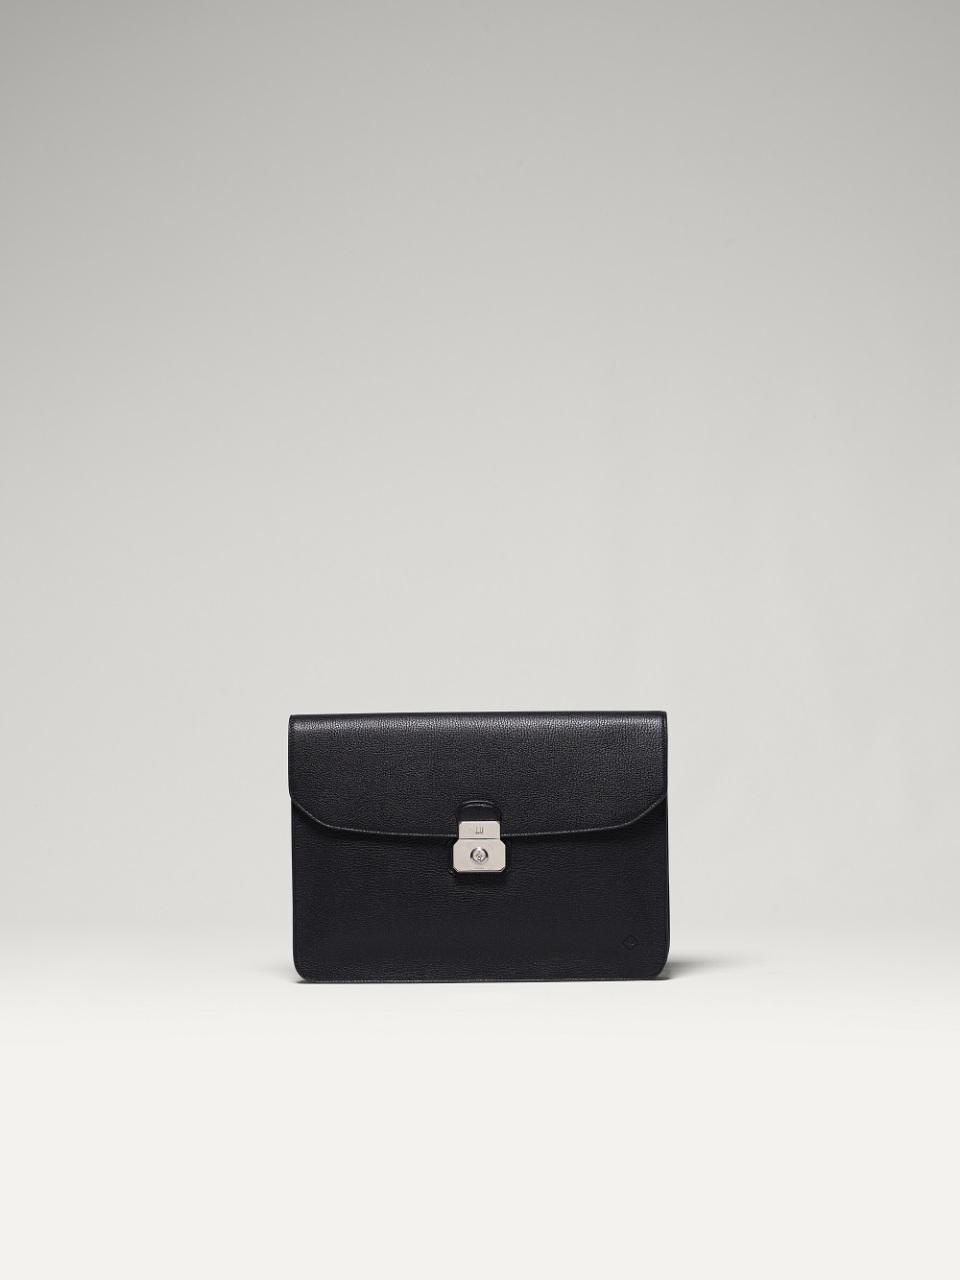 ダンヒルのビジネスバッグは、絶対の安心と信頼で男を次のステージへと導く 7番目の画像